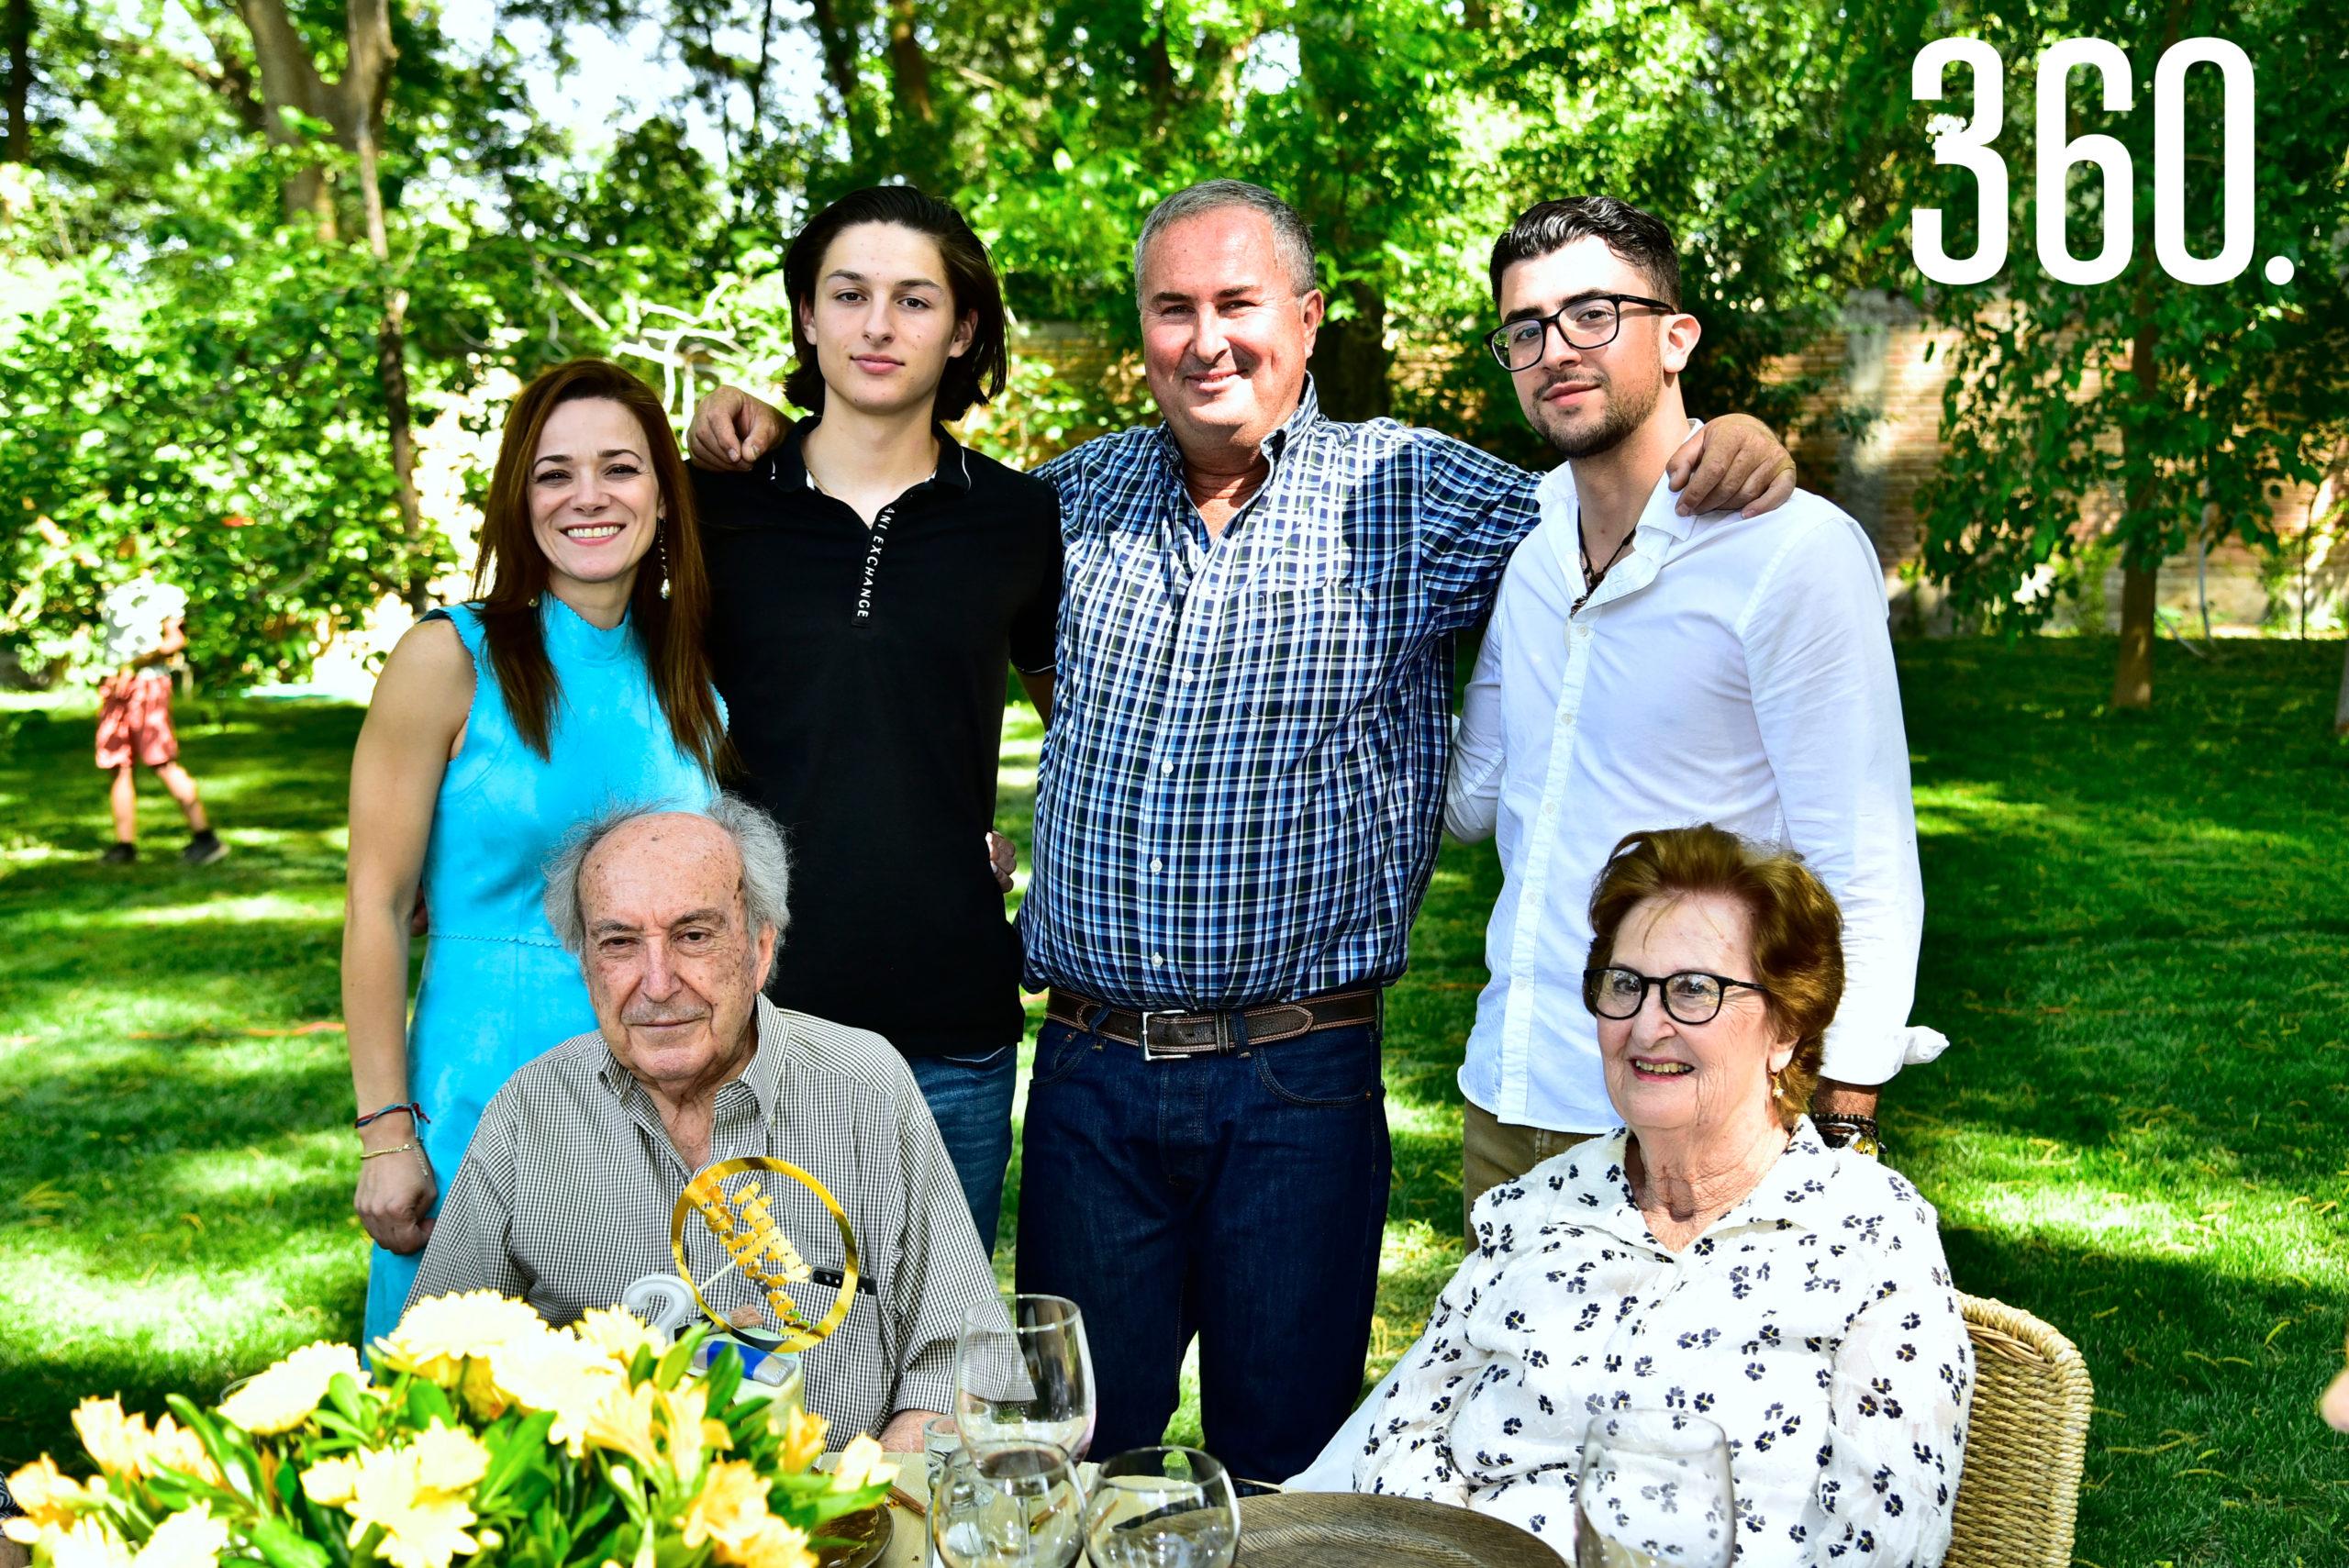 Dalia Ferriño, Alejandro Torres, Enrique Torres, Enrique Torres, Enrique Torres Caso y Beatriz Arsuaga.